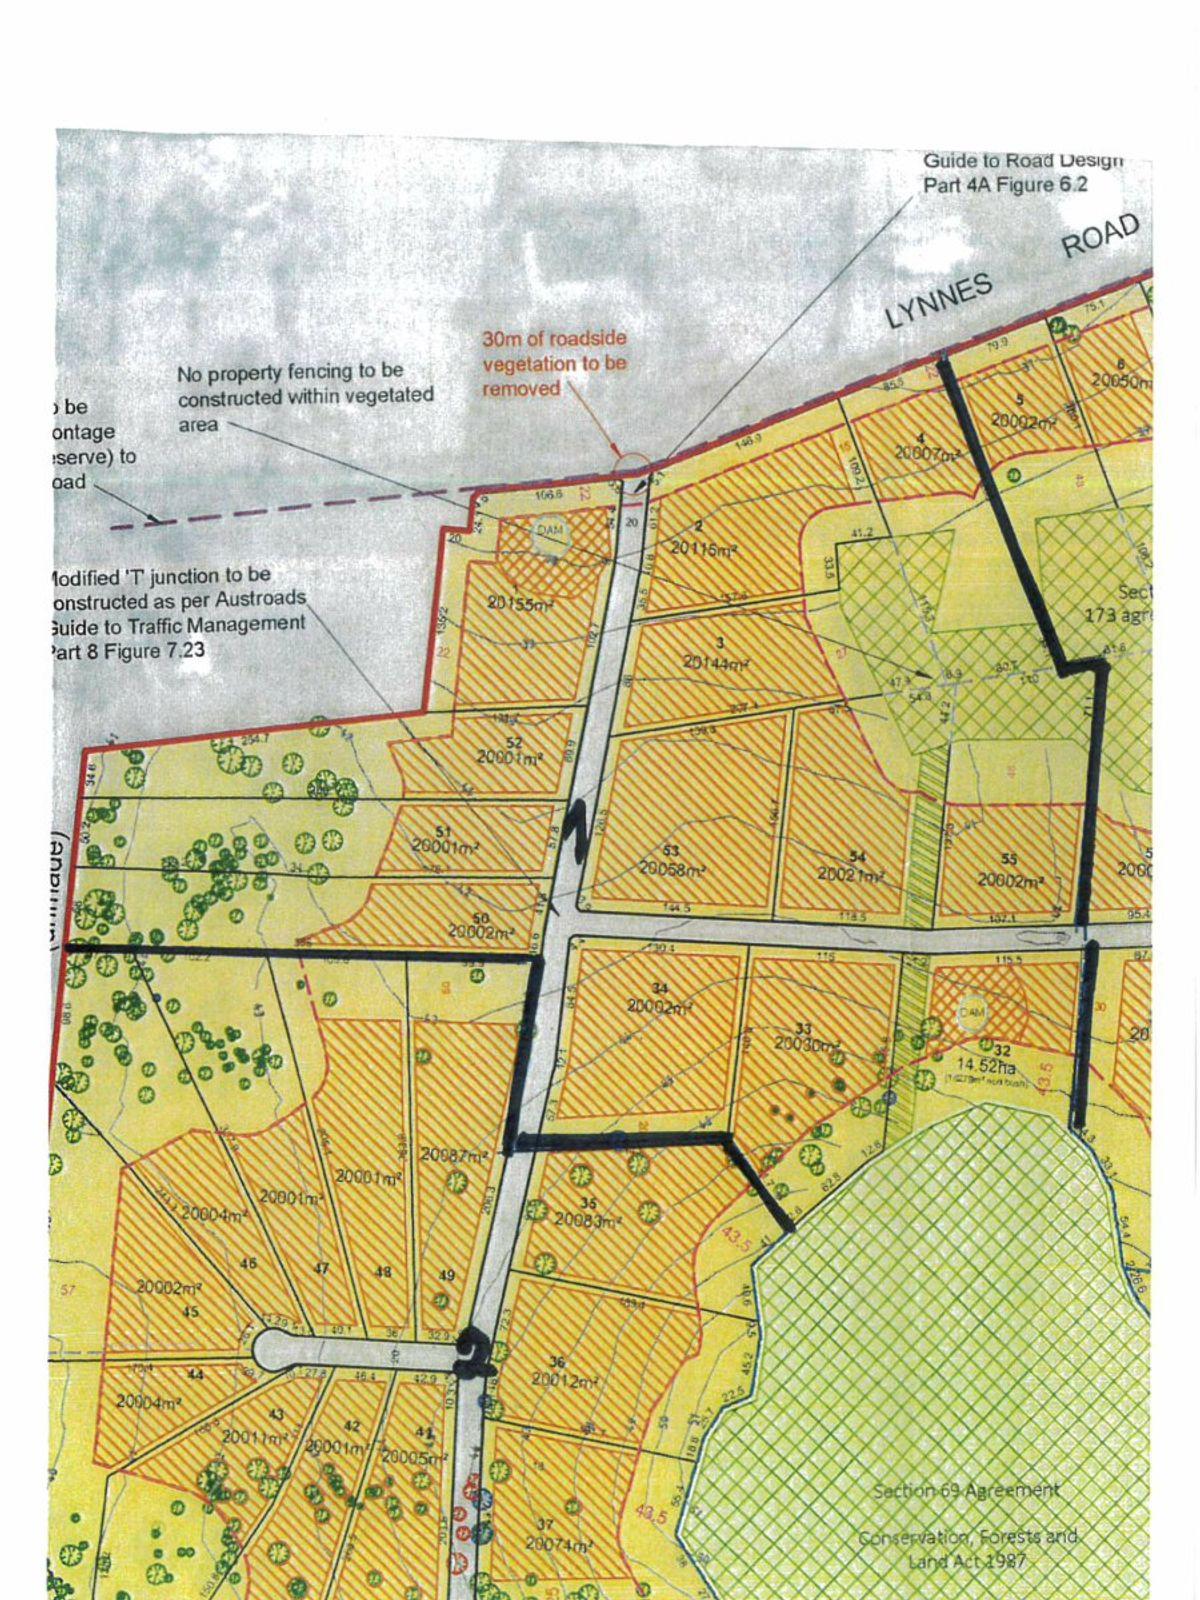 Lot 2 660 Lynnes Road, Wattle Bank, VIC 3995